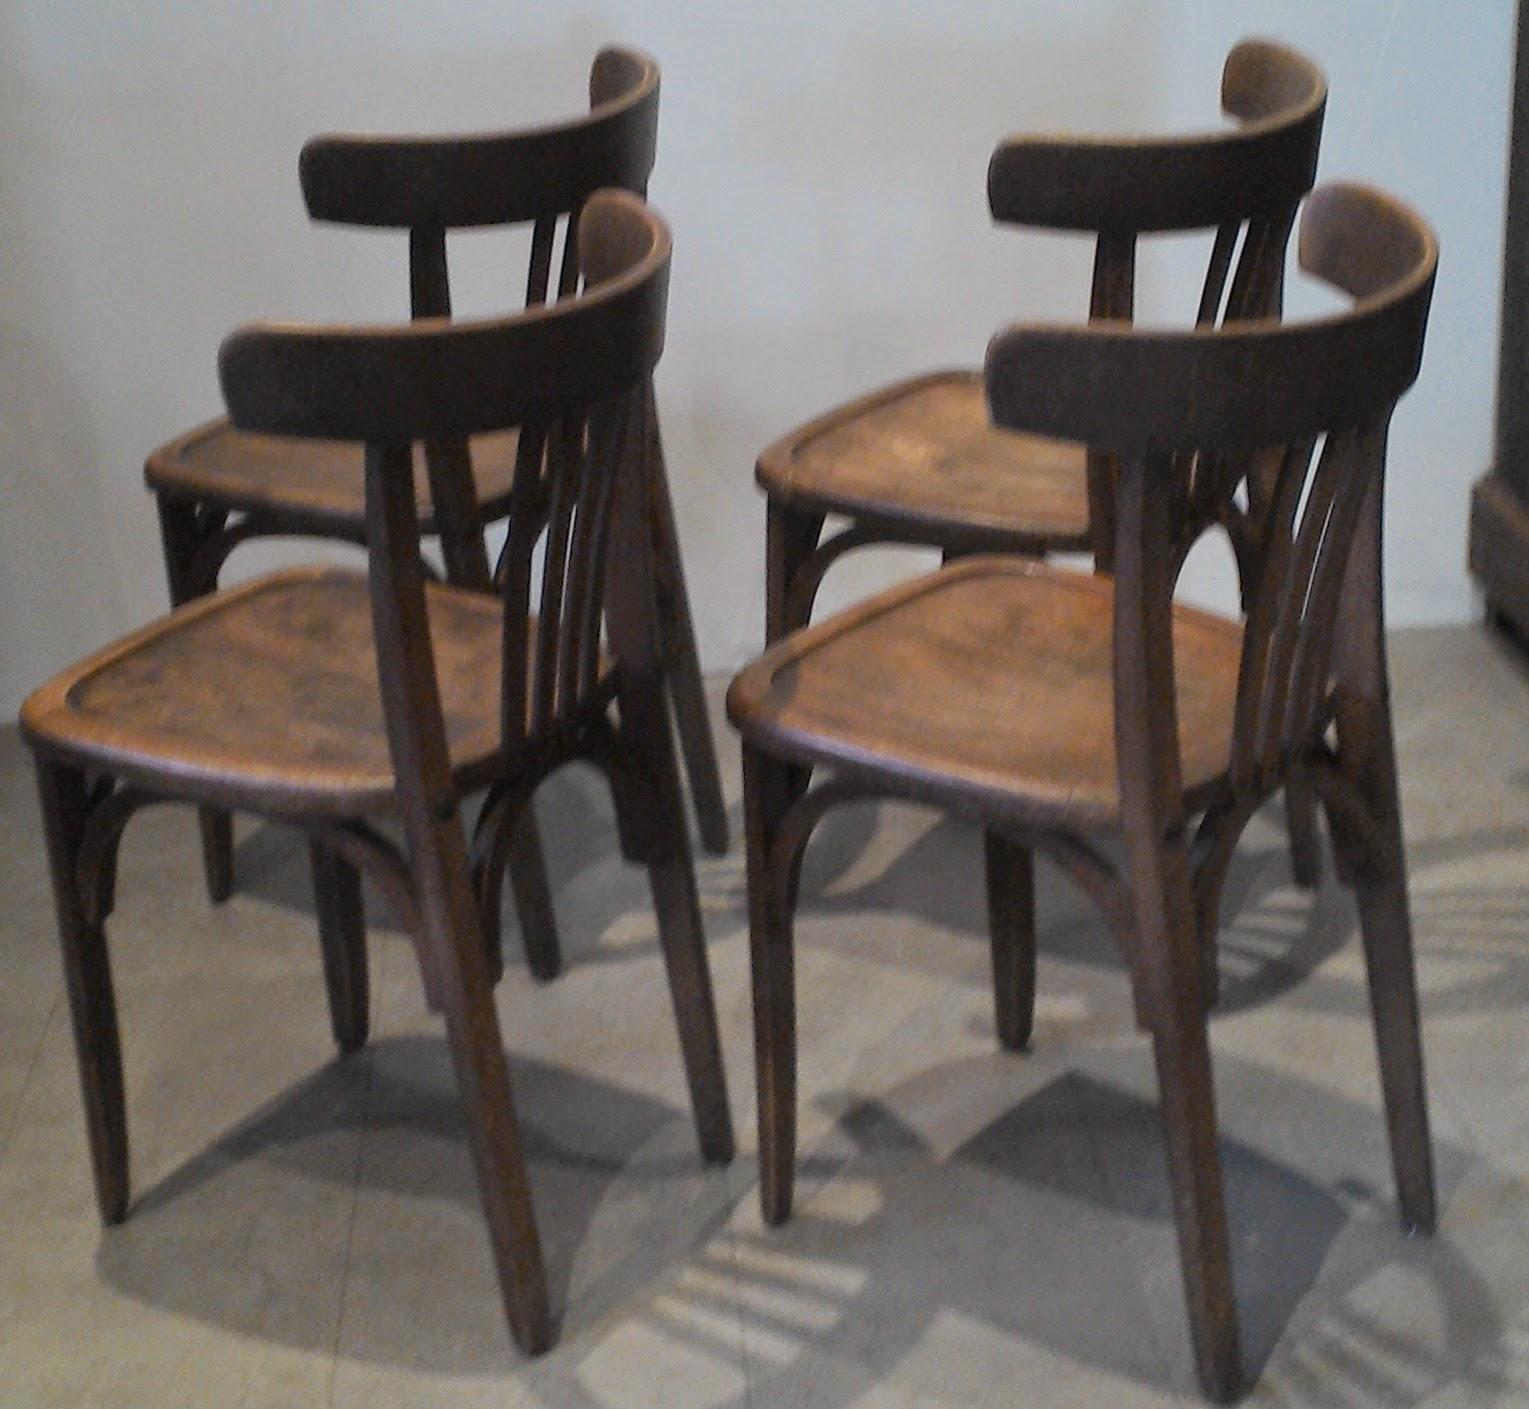 4 anciennes chaises bistrot bar style thonnet ou baumann loft atelier - Style chaises anciennes ...